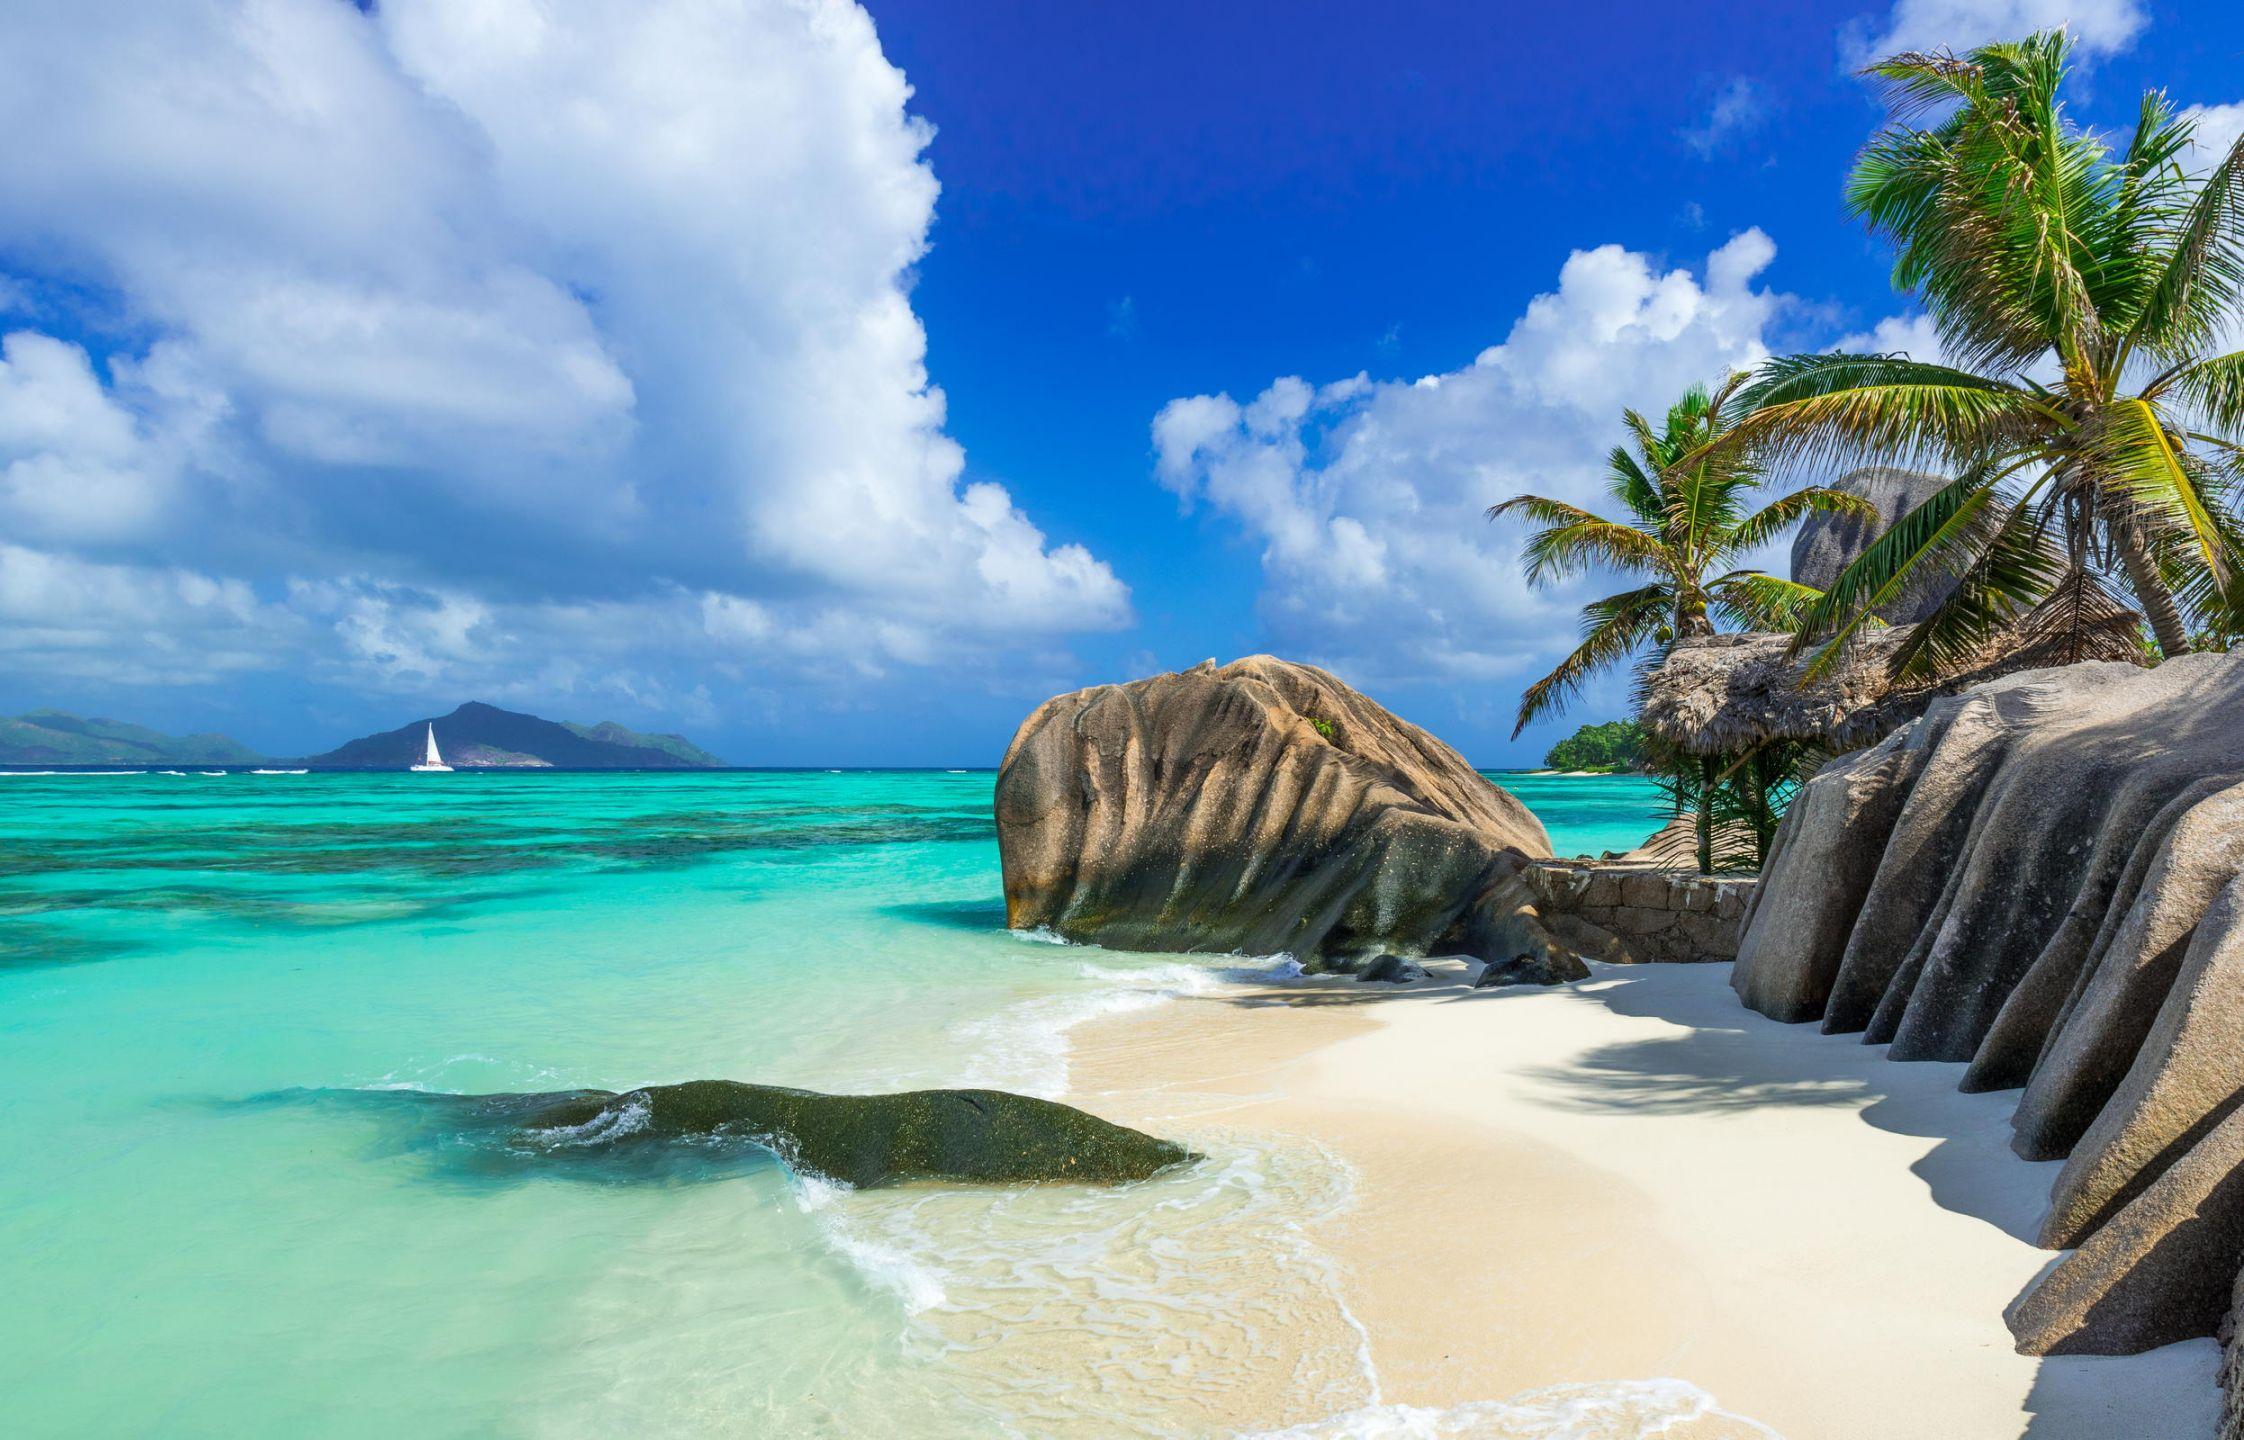 Οι Σεϋχέλλες είναι νησιωτικό κράτος του Ινδικού ωκεανού, που αποτελείται εκατοντάδες νησιά και με πρωτεύουσα τη Βικτώρια. Οι Σεϋχέλλες έχοντας μερικές από τις διασημότερες παραλίες στον κόσμο, αποτελούν έναν πραγματικό παράδεισο που όλοι θέλουμε να επισκεφτούμε.